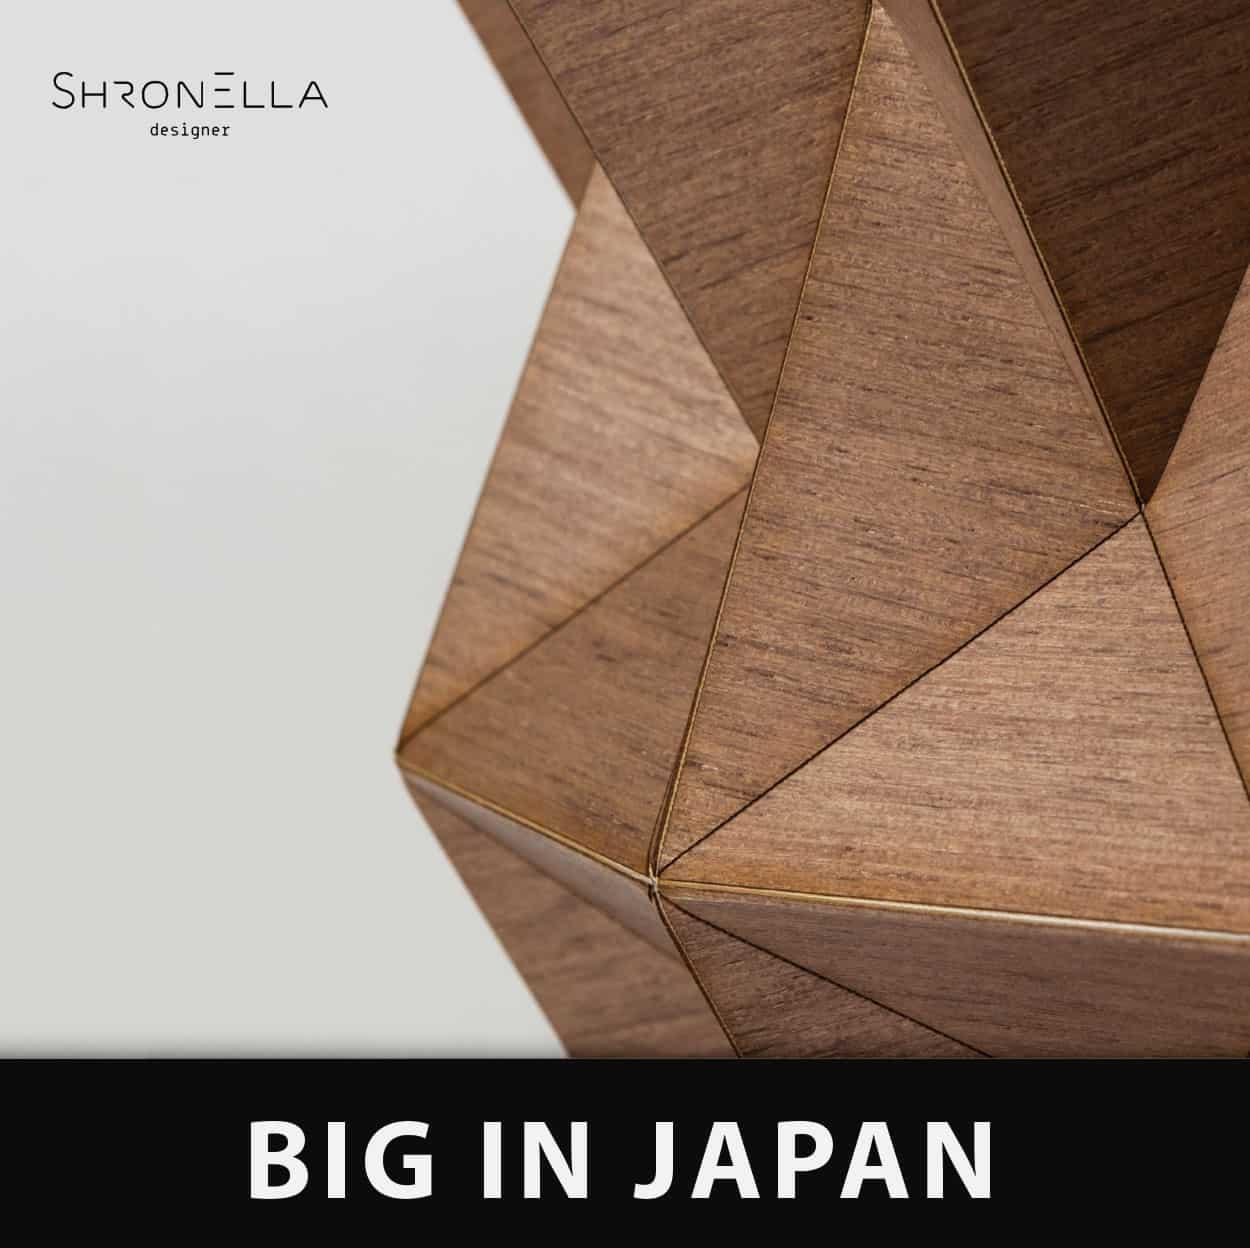 עבודת אוריגמי של האמן אילן גריבי ומתוך פרסום לסדנה מקצועית בשיתןף פעולה עם שרון אלה